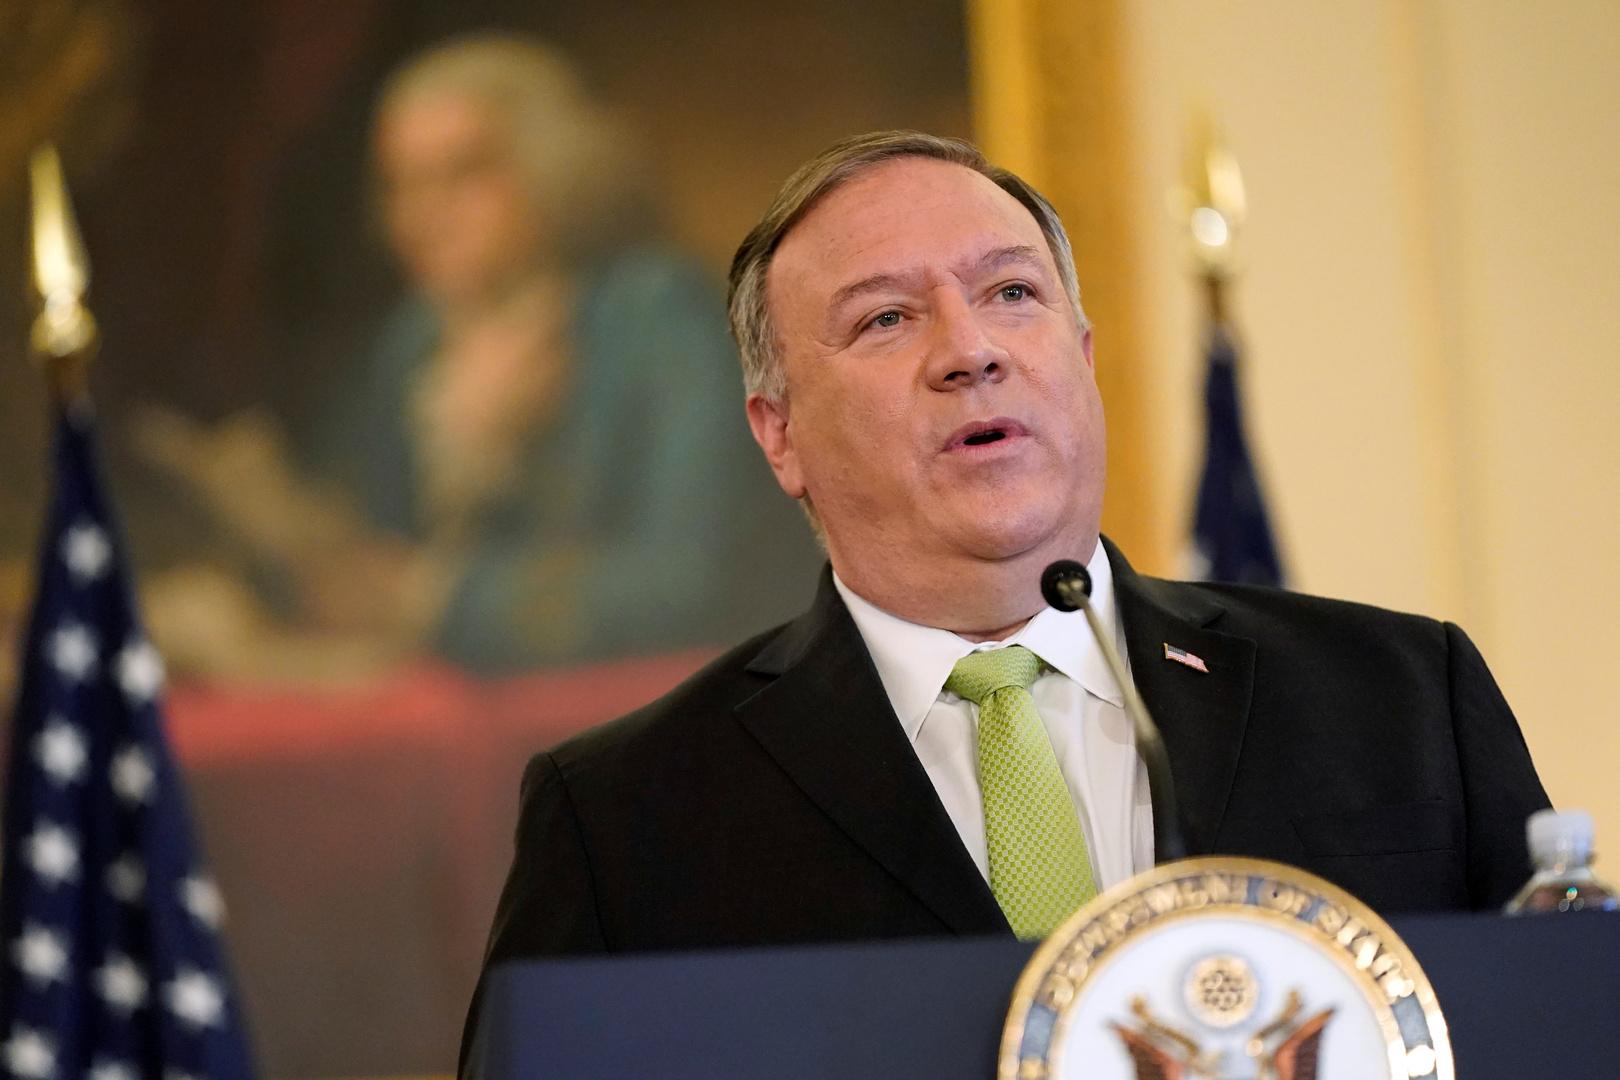 في ضربة جديدة إلى الصين.. بومبيو يعلن رفع جميع قيود الولايات المتحدة المفروضة على تعاونها مع تايوان